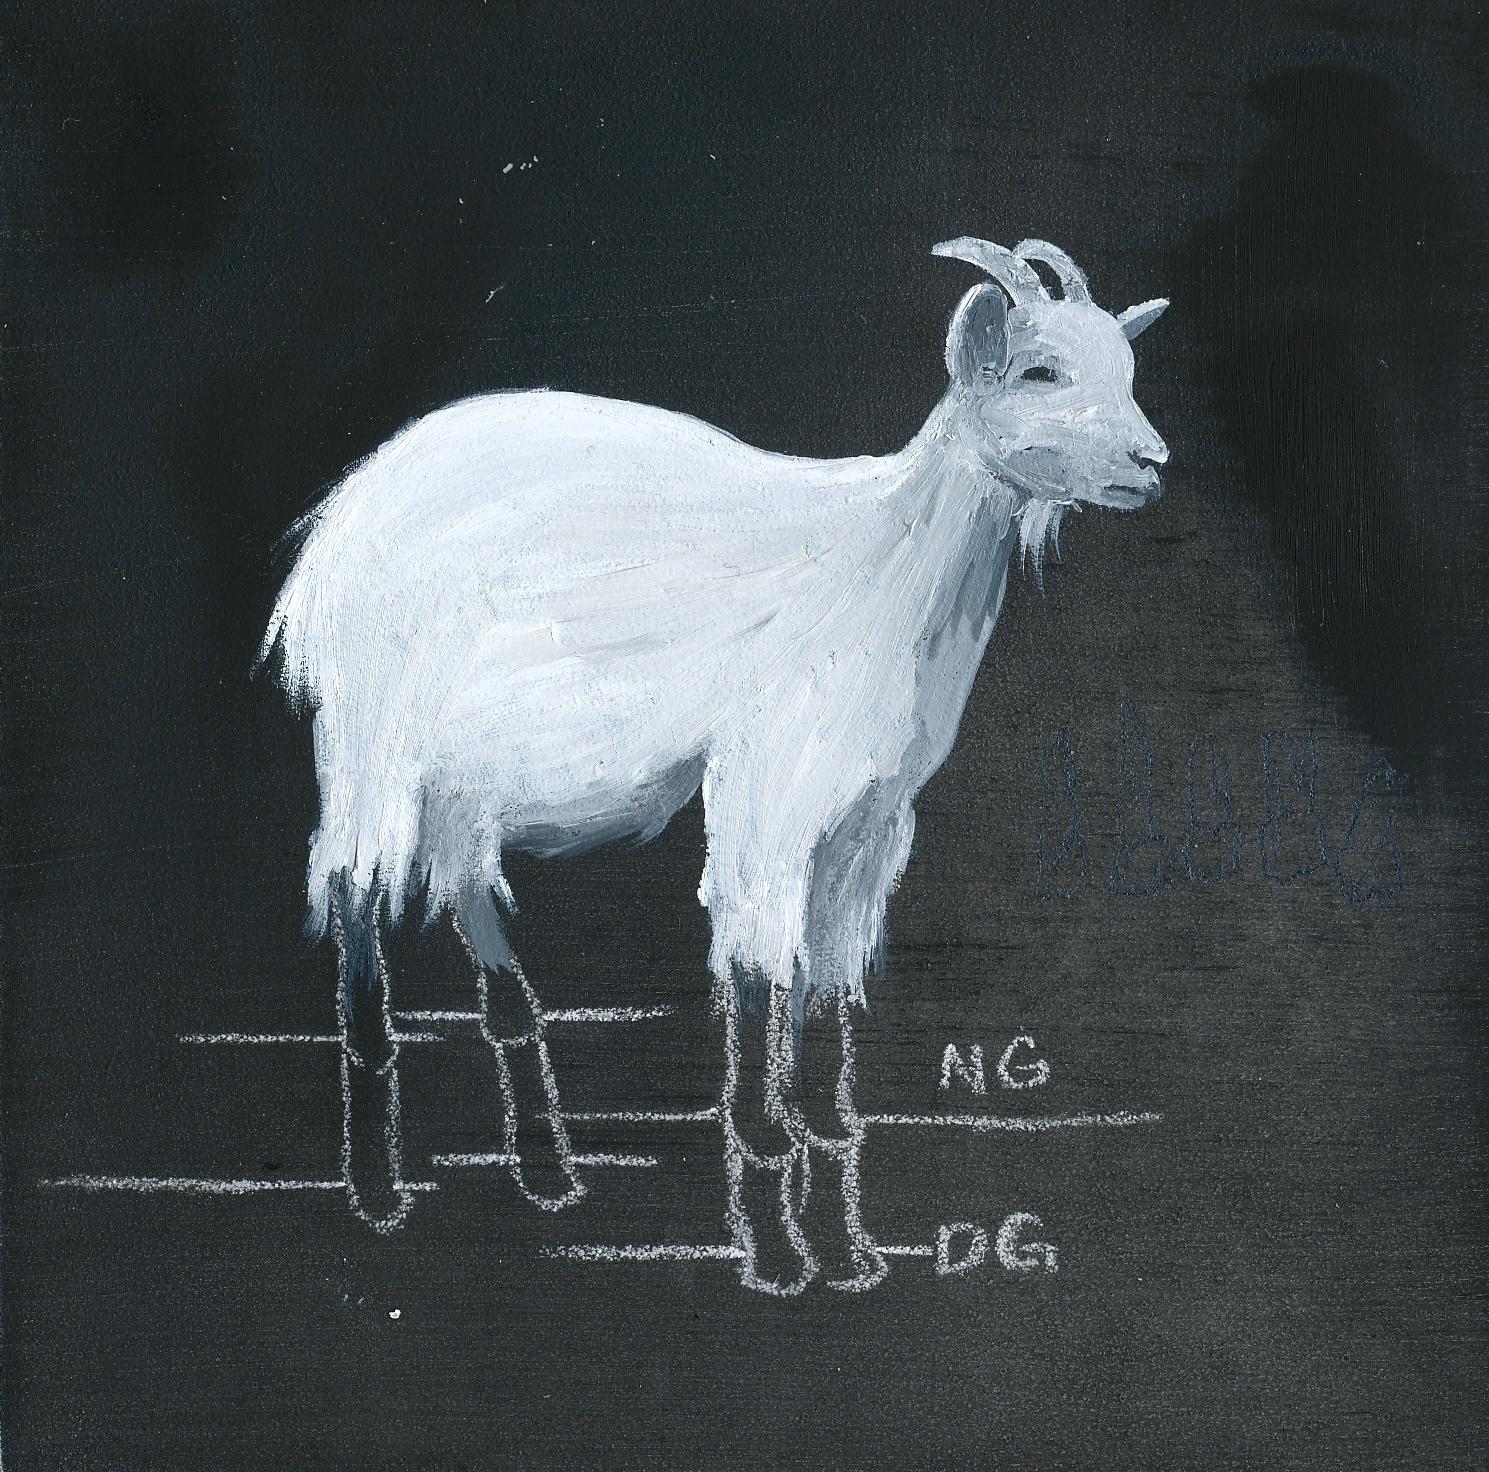 The Grim Goat